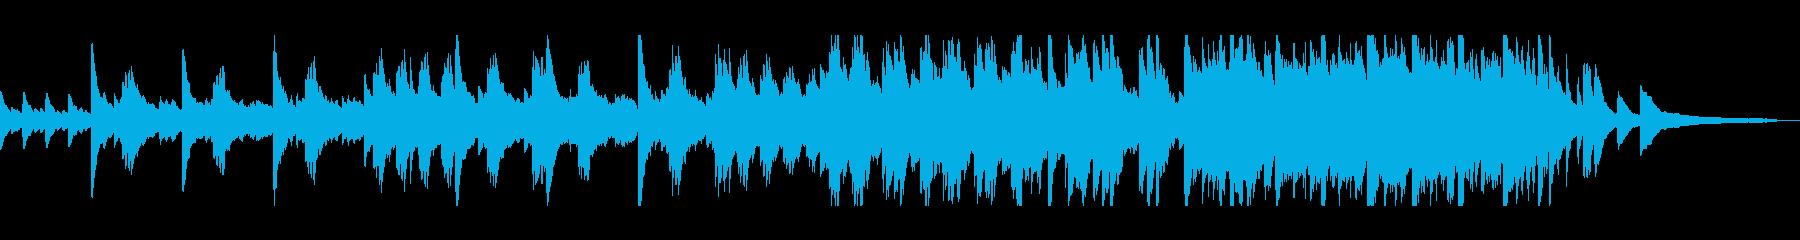 美しいピアノのヒーリングミュージックの再生済みの波形